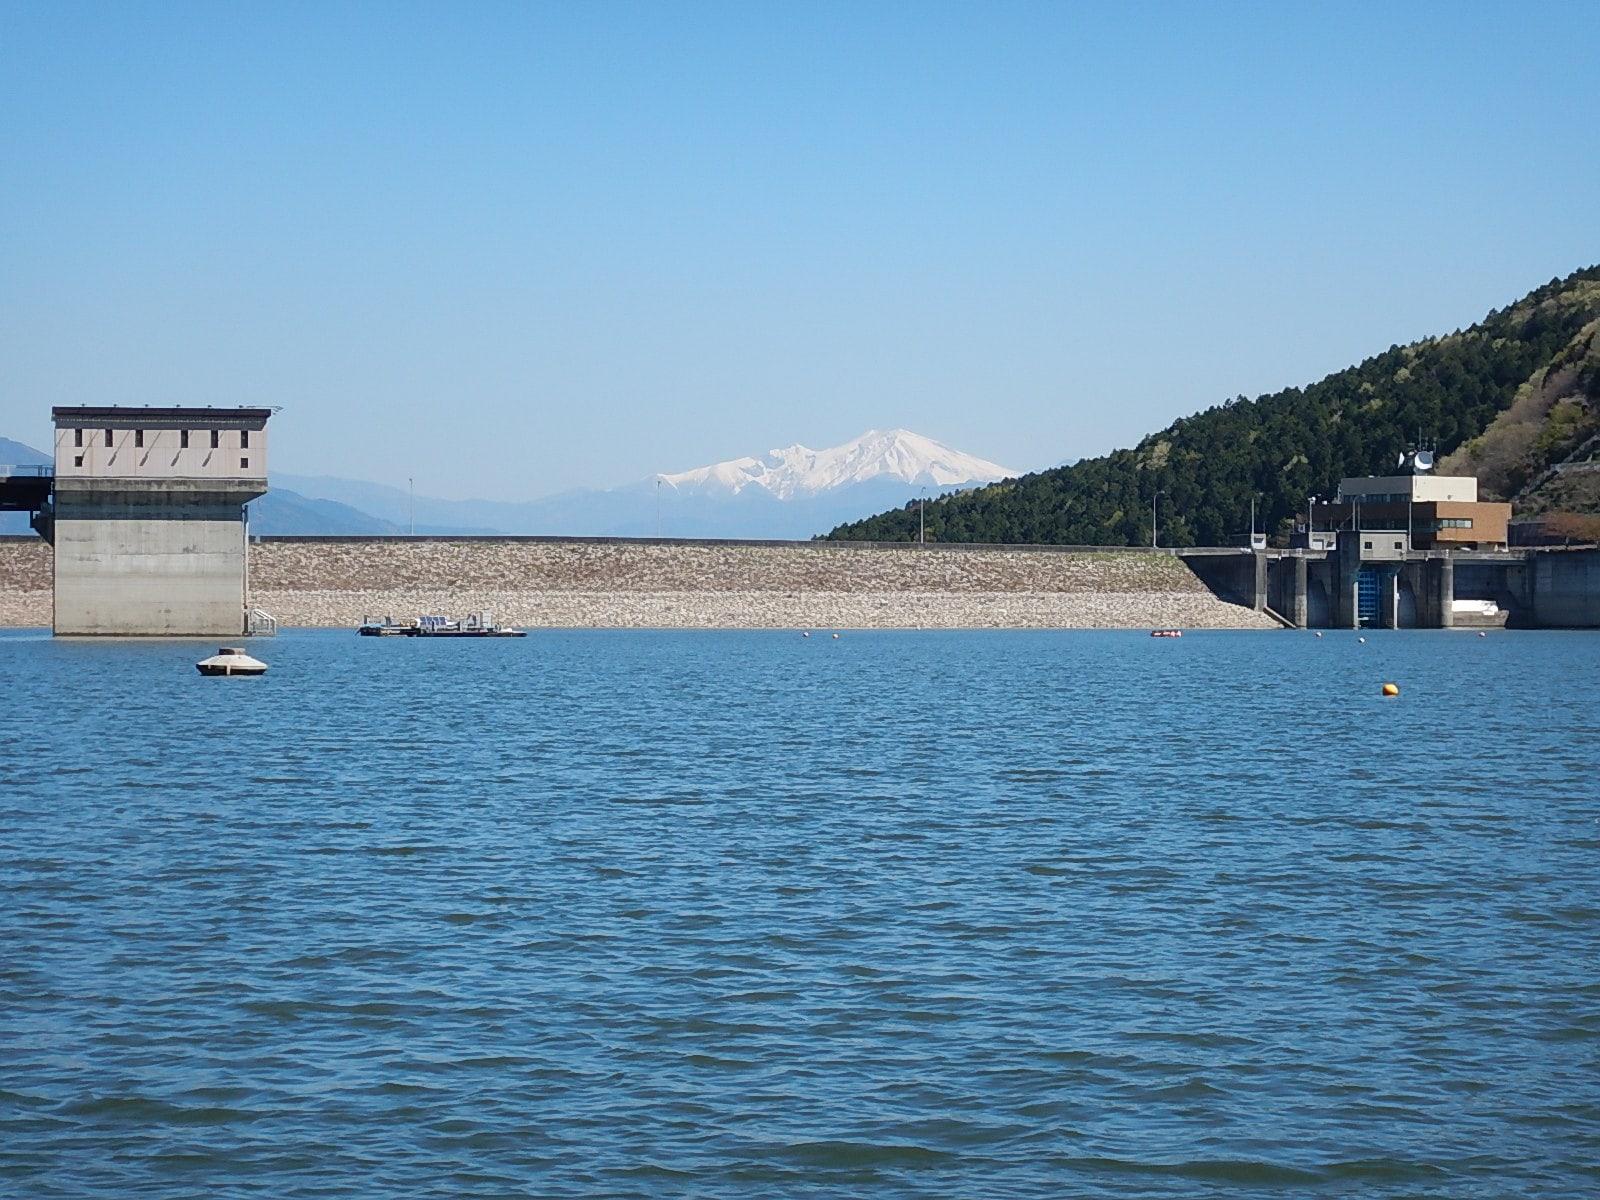 独立行政法人水資源機構 阿木川ダム管理所